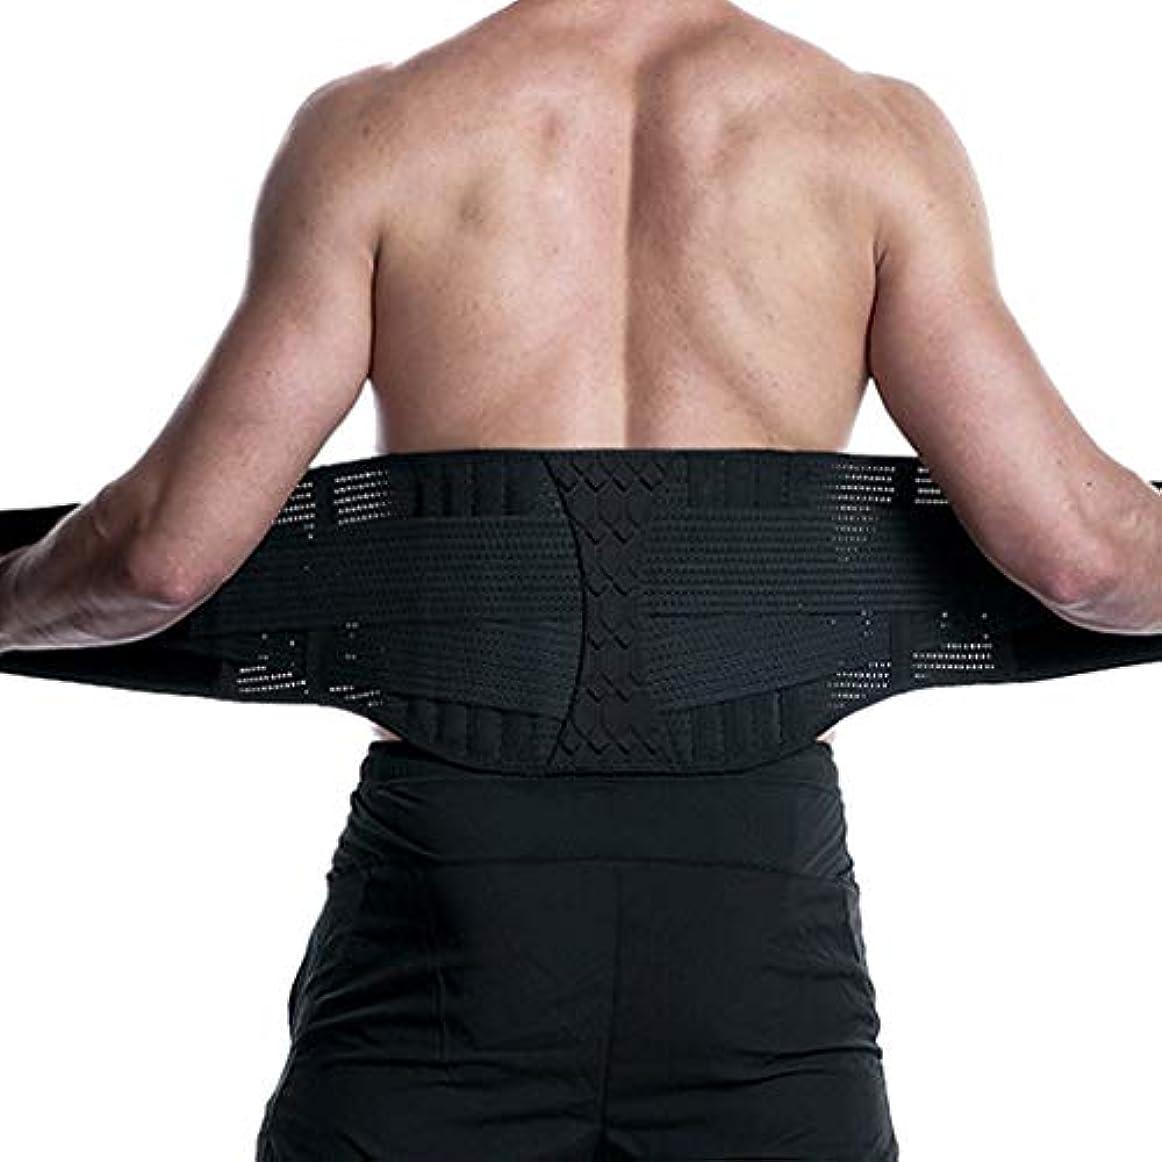 重要なフェンスハイランドウエストサポートベルト 腰サポーター シェイプアップベルト トレーニング スポーツ用 腰痛ベルト コルセット ぎっくり腰 腰椎固定 姿勢矯正 伸縮性 通気 二重ベルト 男女兼用 (M)